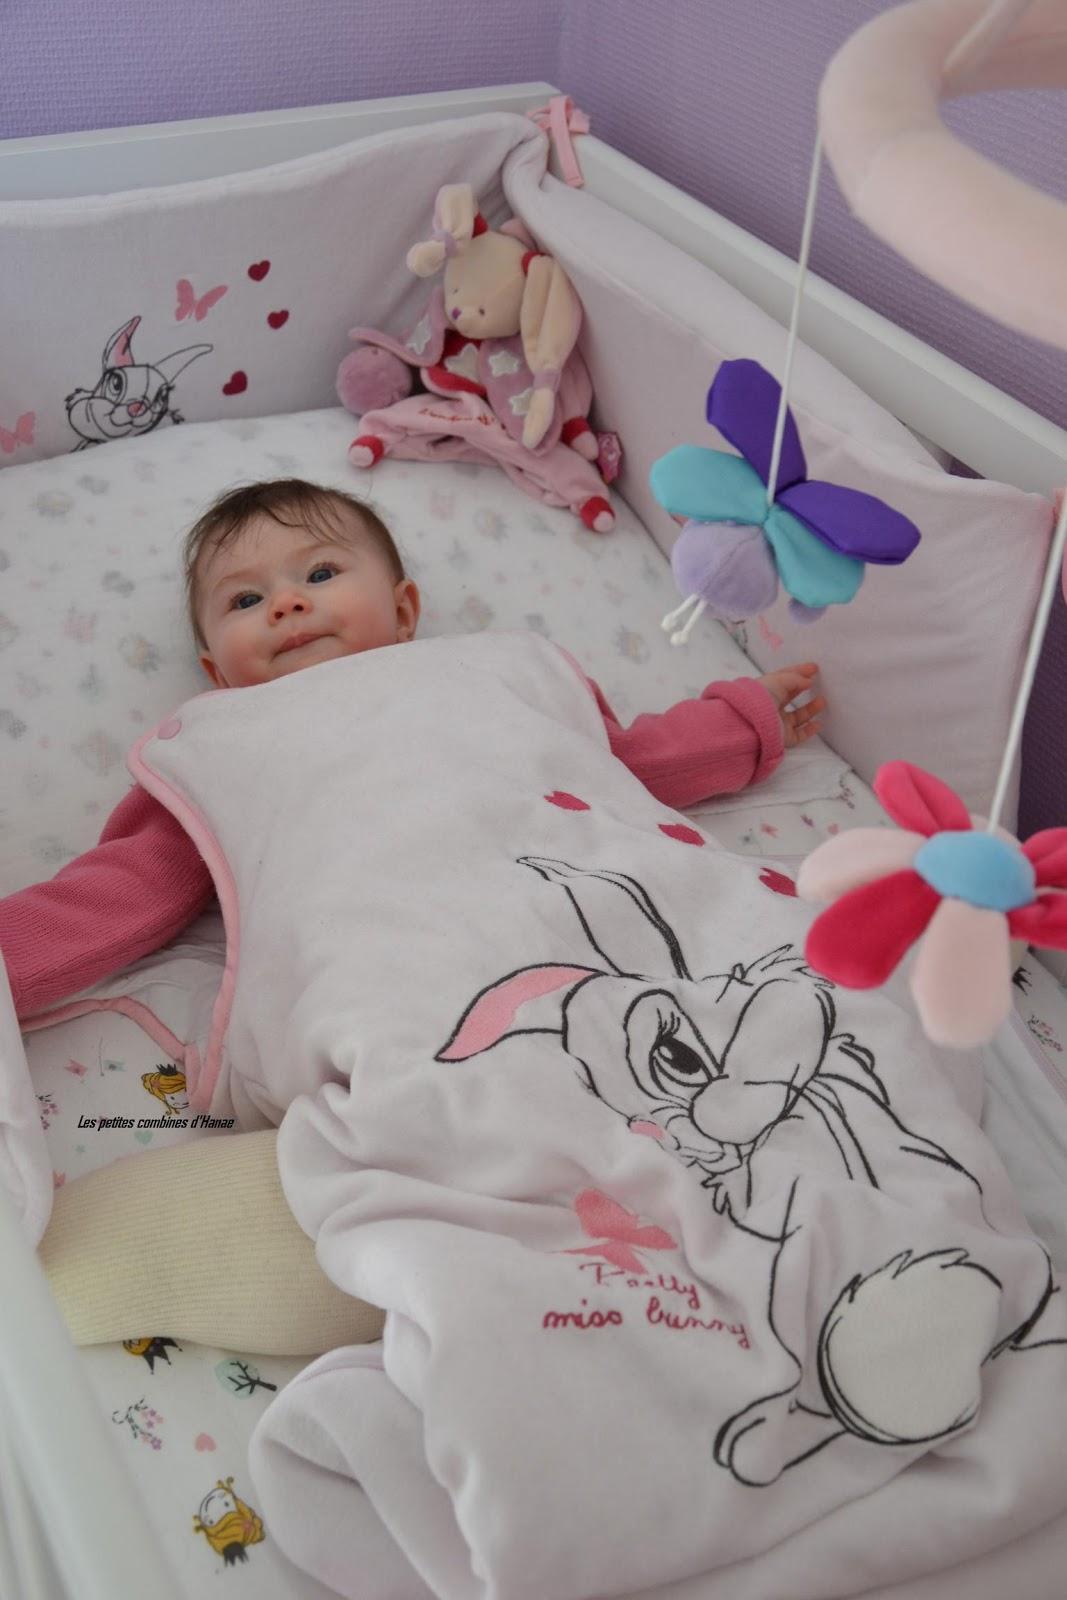 tour de lit bébé panpan Les petites combines d'Hanae tour de lit bébé panpan